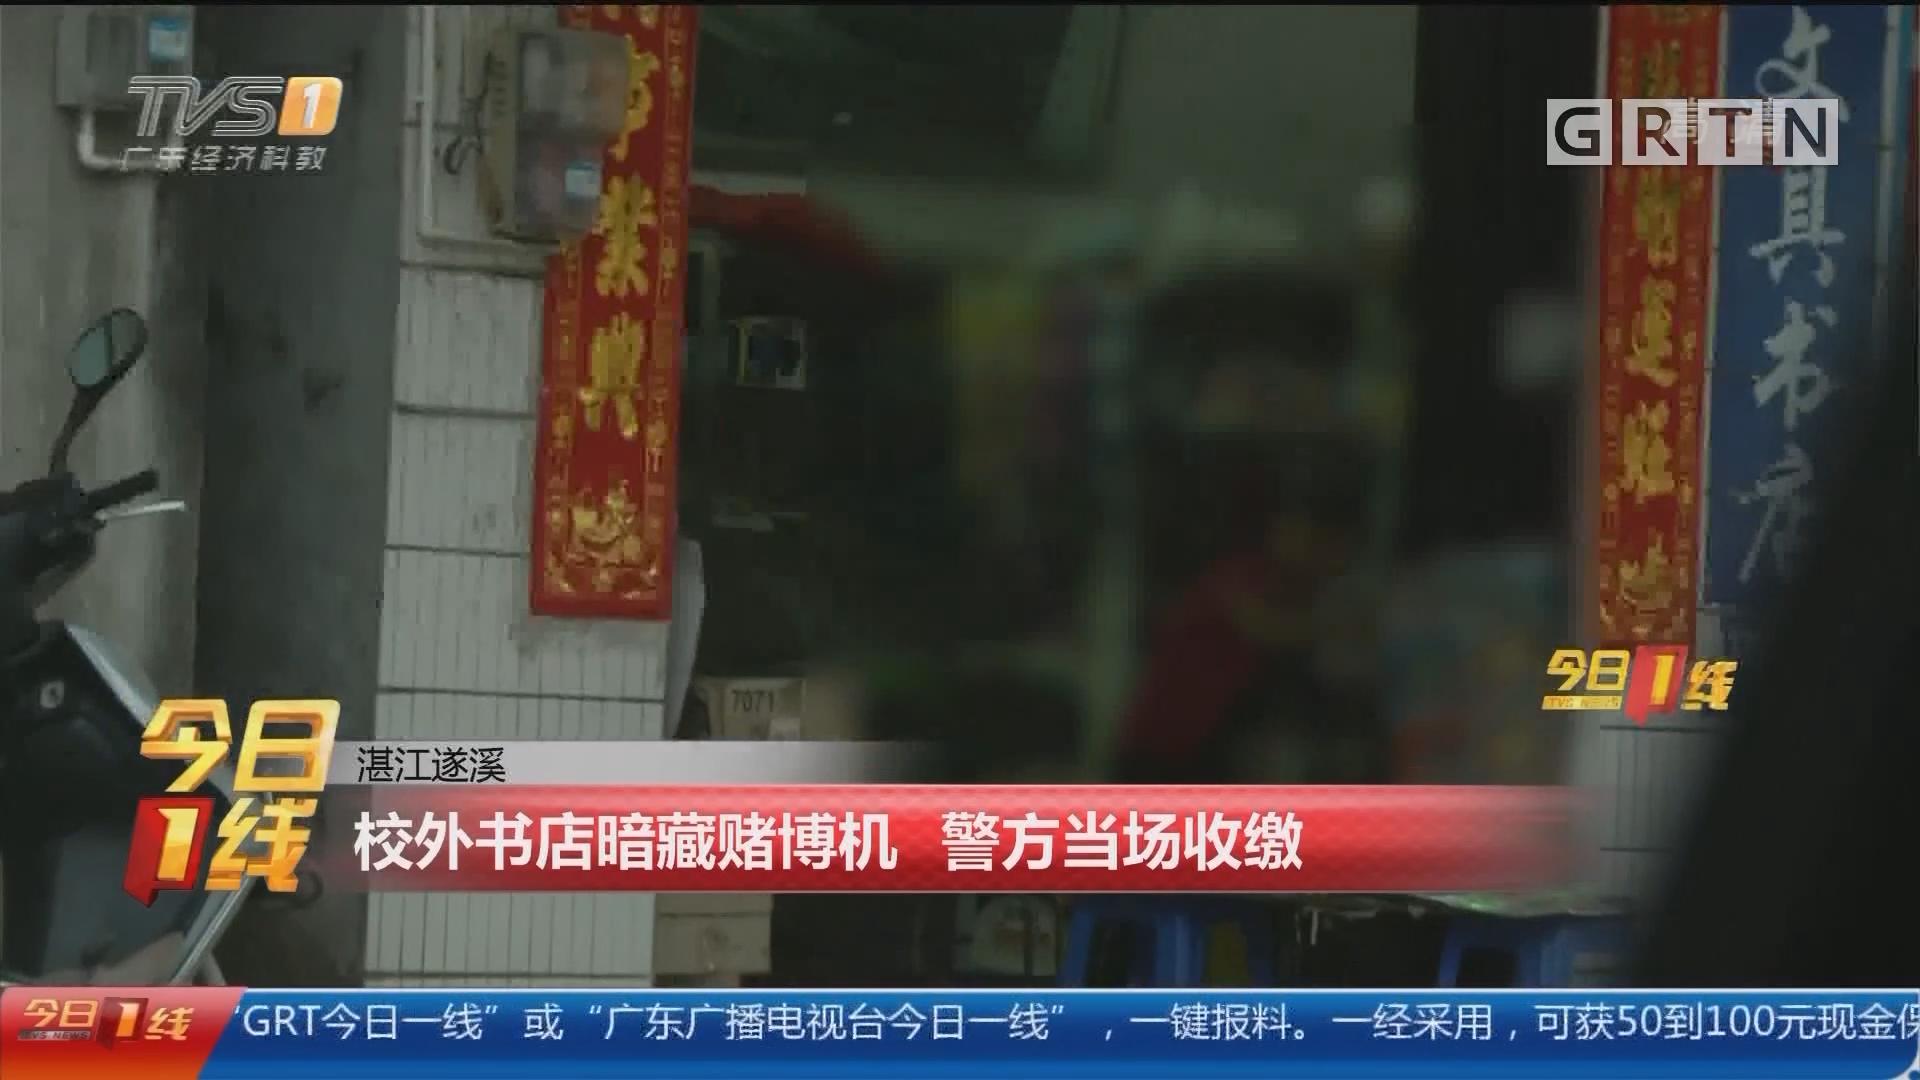 湛江遂溪:校外书店暗藏赌博机 警方当场收缴